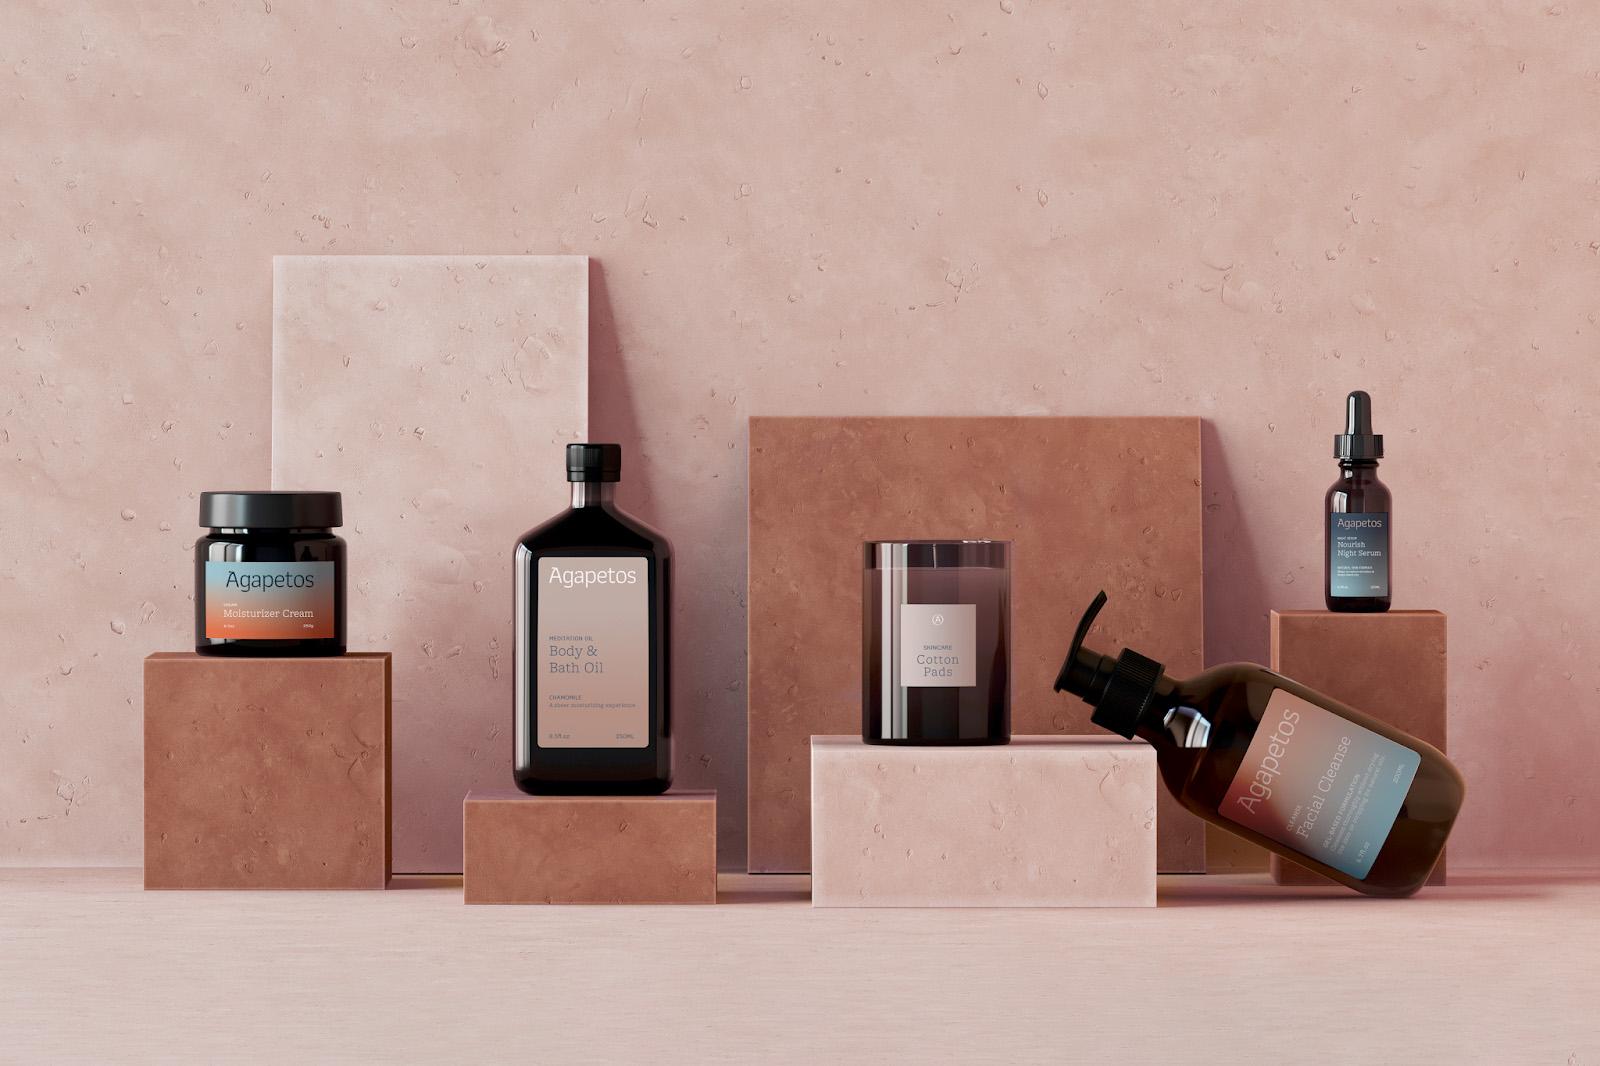 绍兴包装设计用色彩和图形进行创新